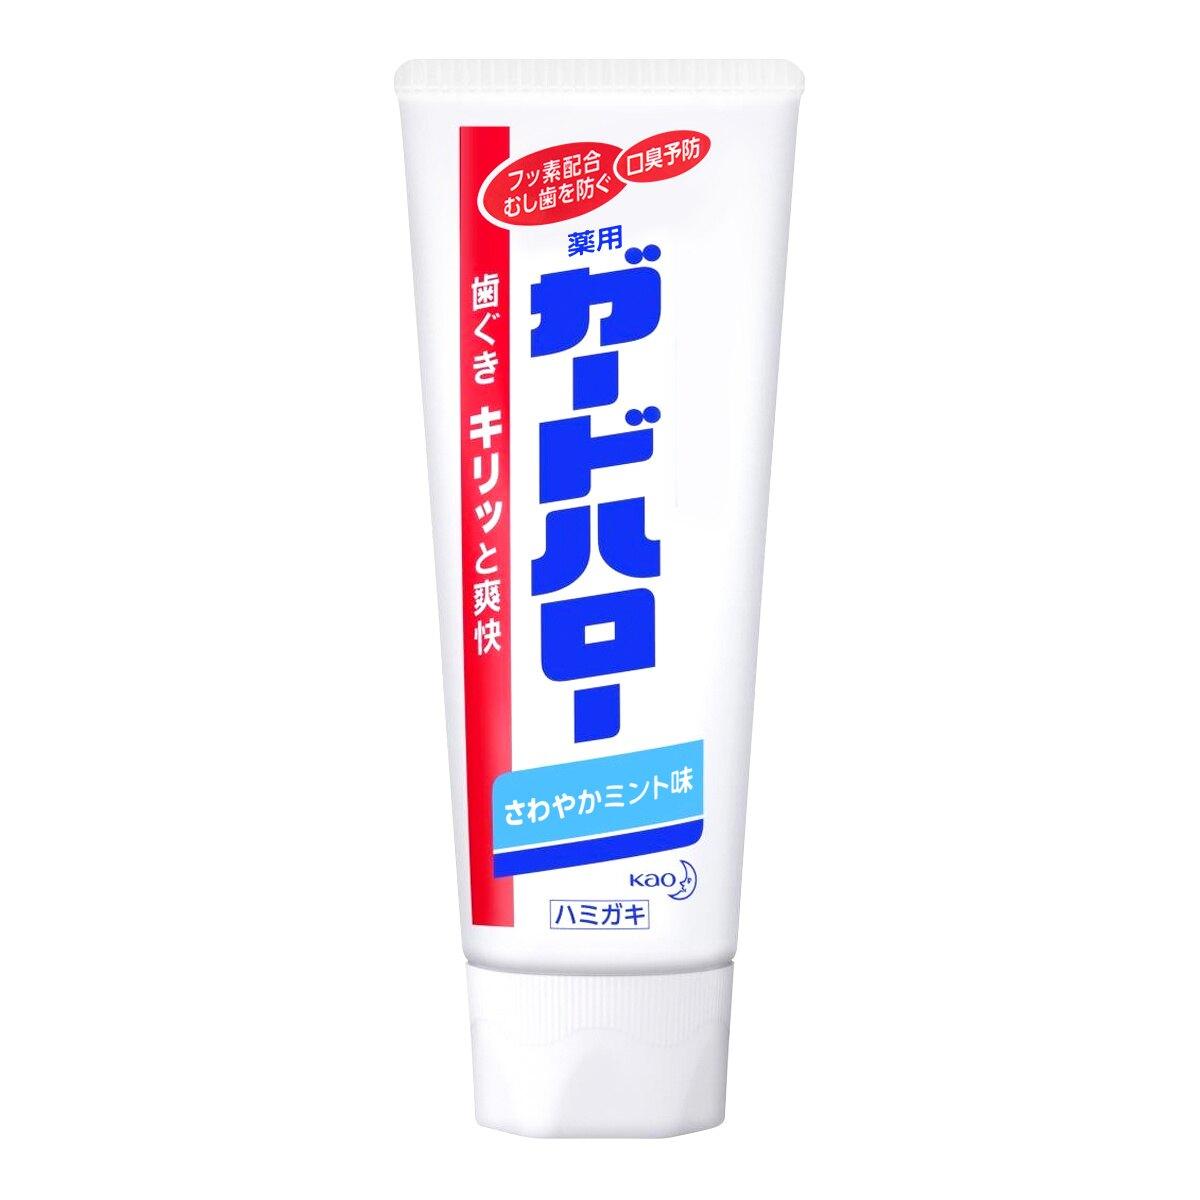 【晨光】日本製 花王 淨白防蛀薄荷酵素牙膏 165g(024077)【現貨】